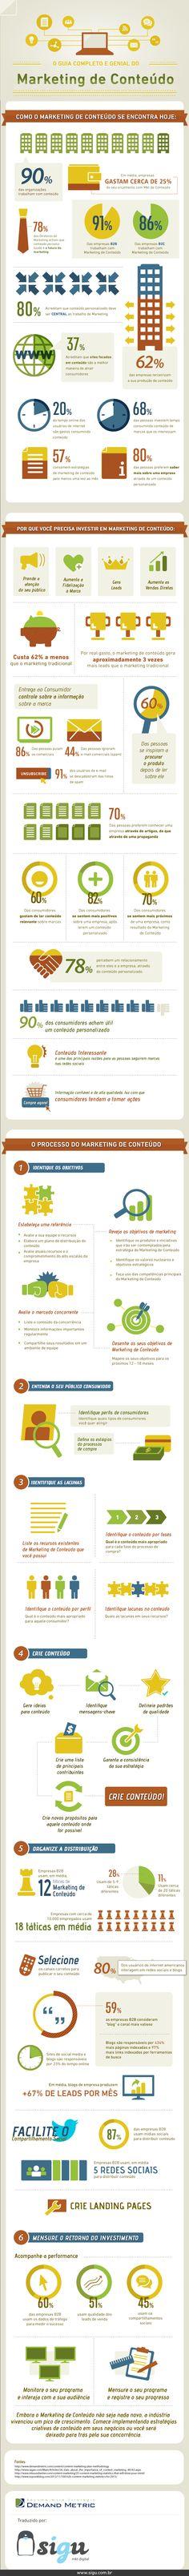 Marketing de Conteúdo: Tudo o que você precisa saber em um guia definitivo #inforgrafico